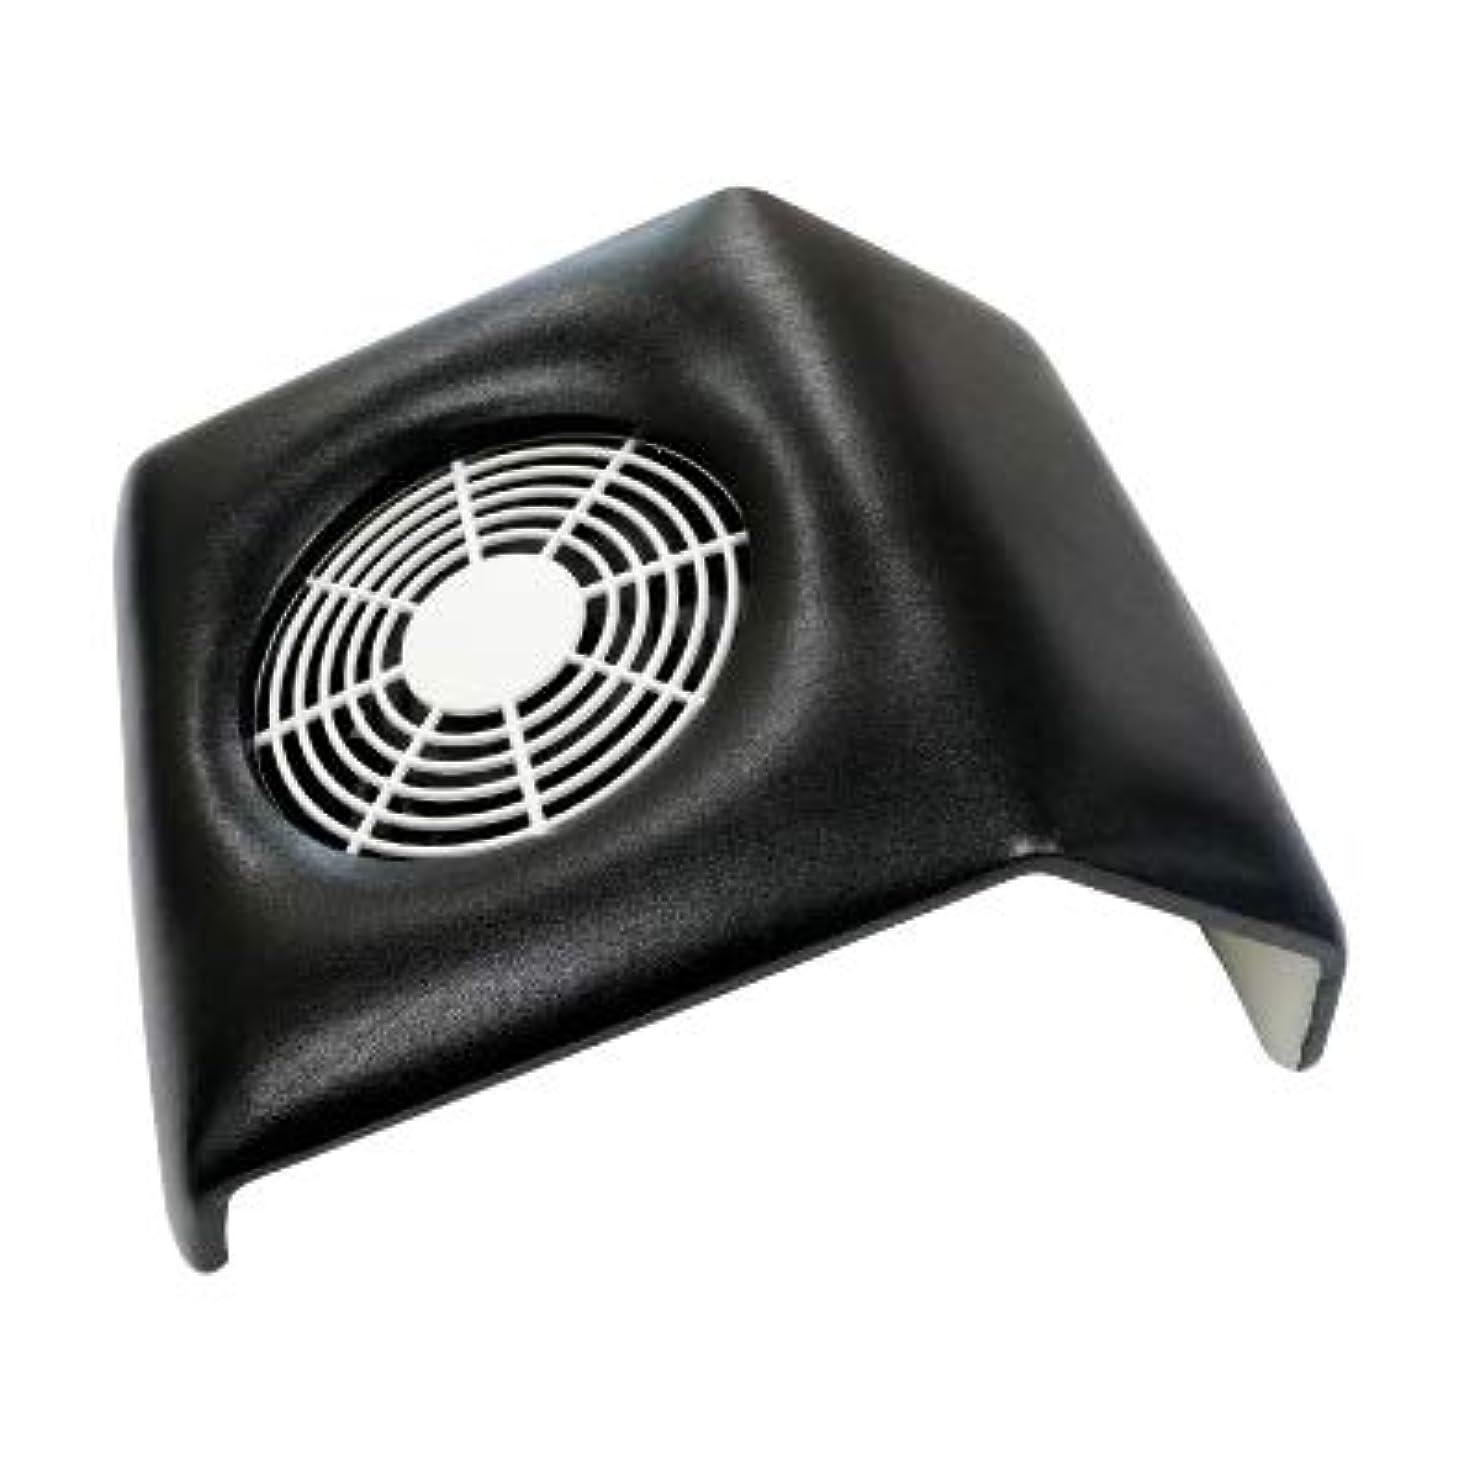 再生的満足洞窟集塵機 コンパクトタイプ ネイルダストクリーナー Compact Nail Dust Cleaner バッグ付き ネイルオフ ダストコレクター (ブラック)